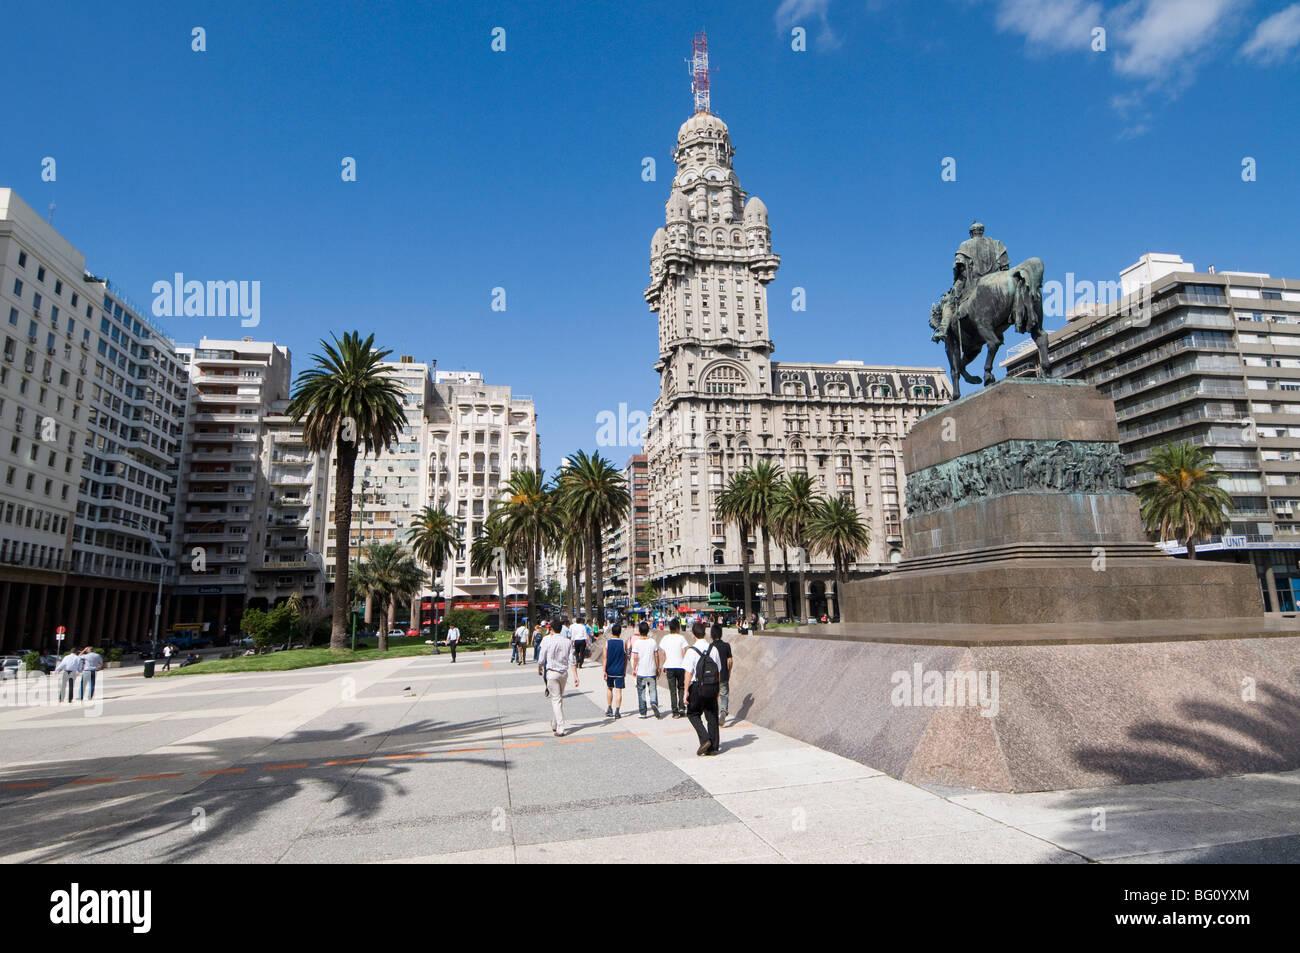 Palacio Salvo, sul lato est di Plaza Independencia (Piazza Indipendenza), Montevideo, Uruguay Sud America Immagini Stock